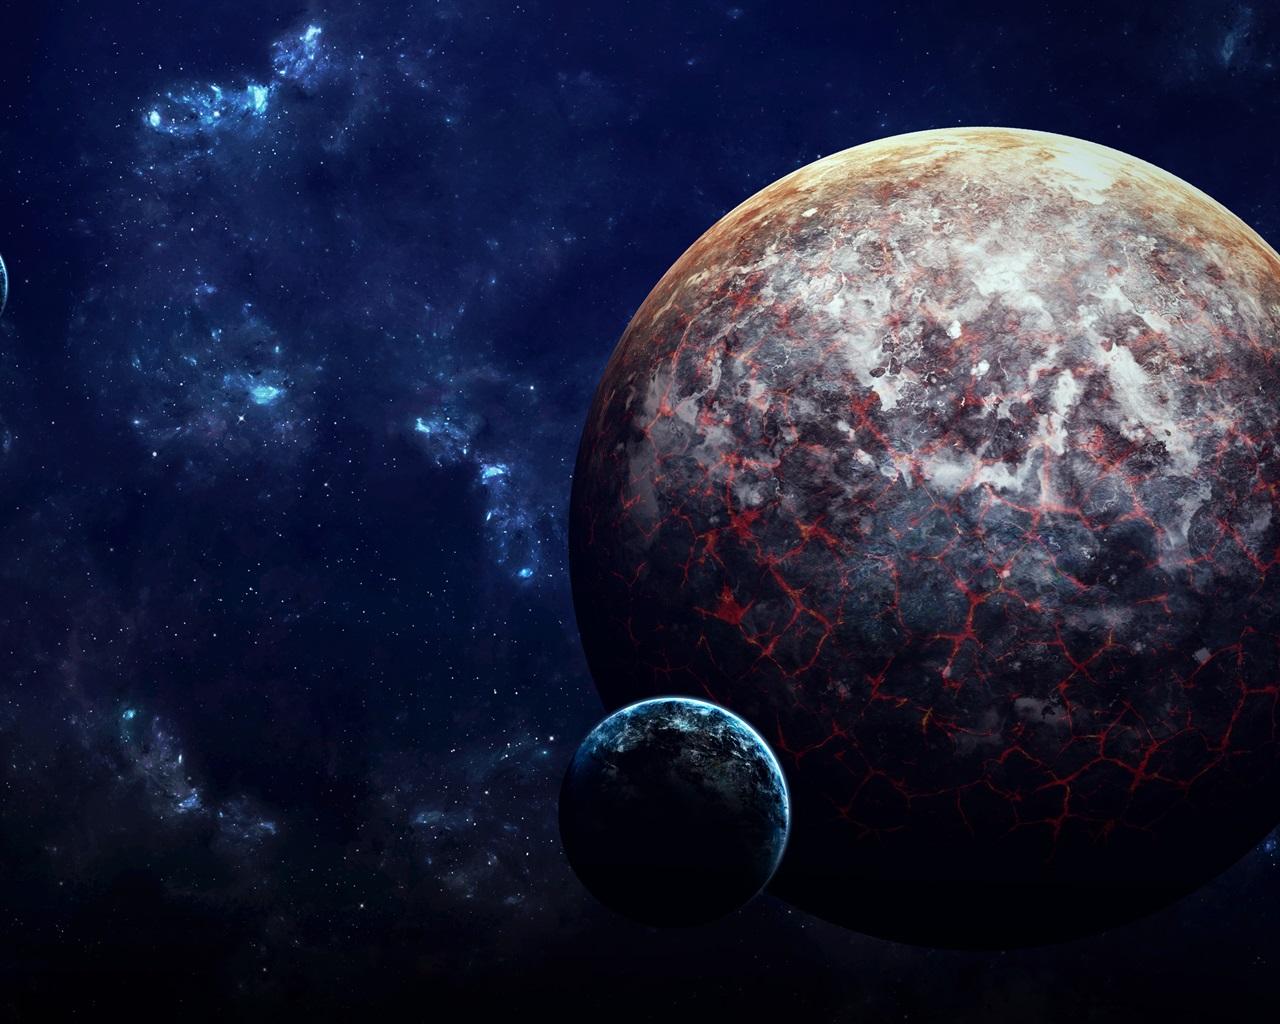 Fondos De Pantalla De Lava: Planetas, Lava, Ciencia Ficción, Espacio Fondos De